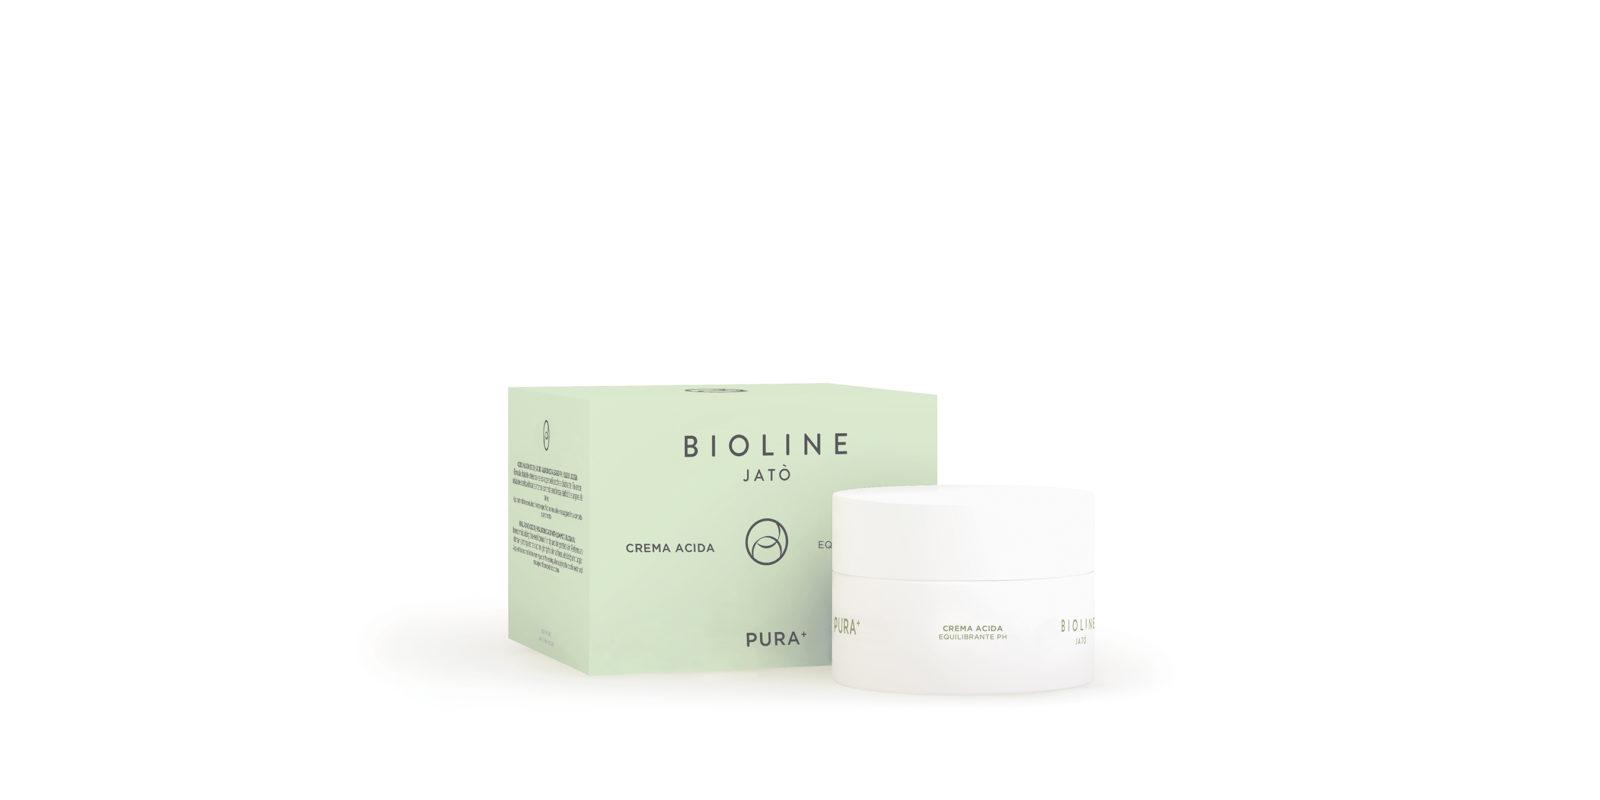 Pura+ - Bioline Jatò